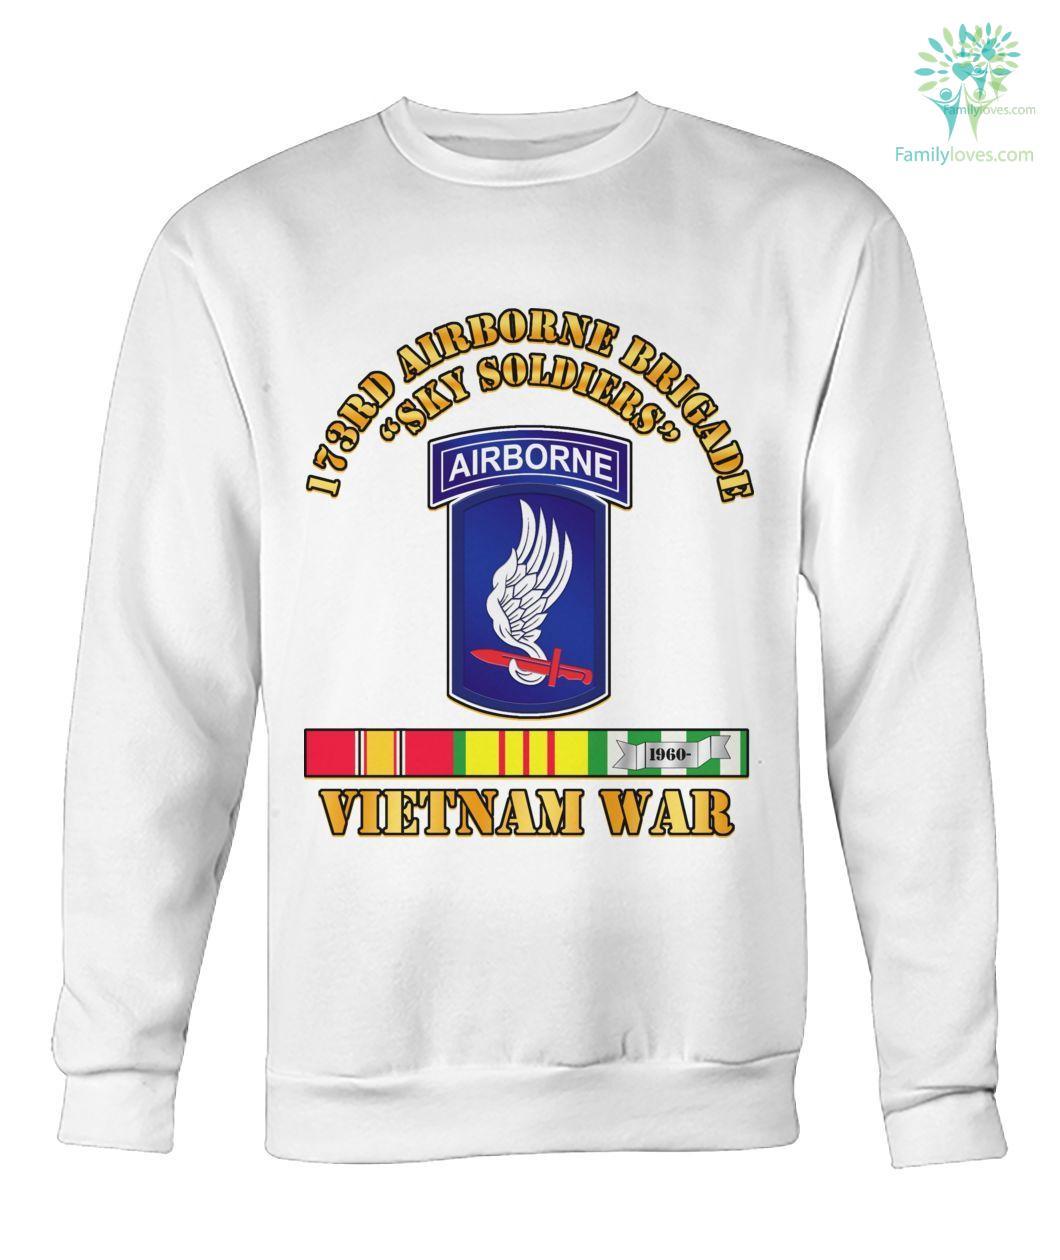 173rd-airborne-brigade_8ae47192-692a-e59b-1777-6c3c77e9e2cf 173rd Airborne Brigade sky soldiers vietnam war hoodie, sweatshirt, t-shirt  %tag